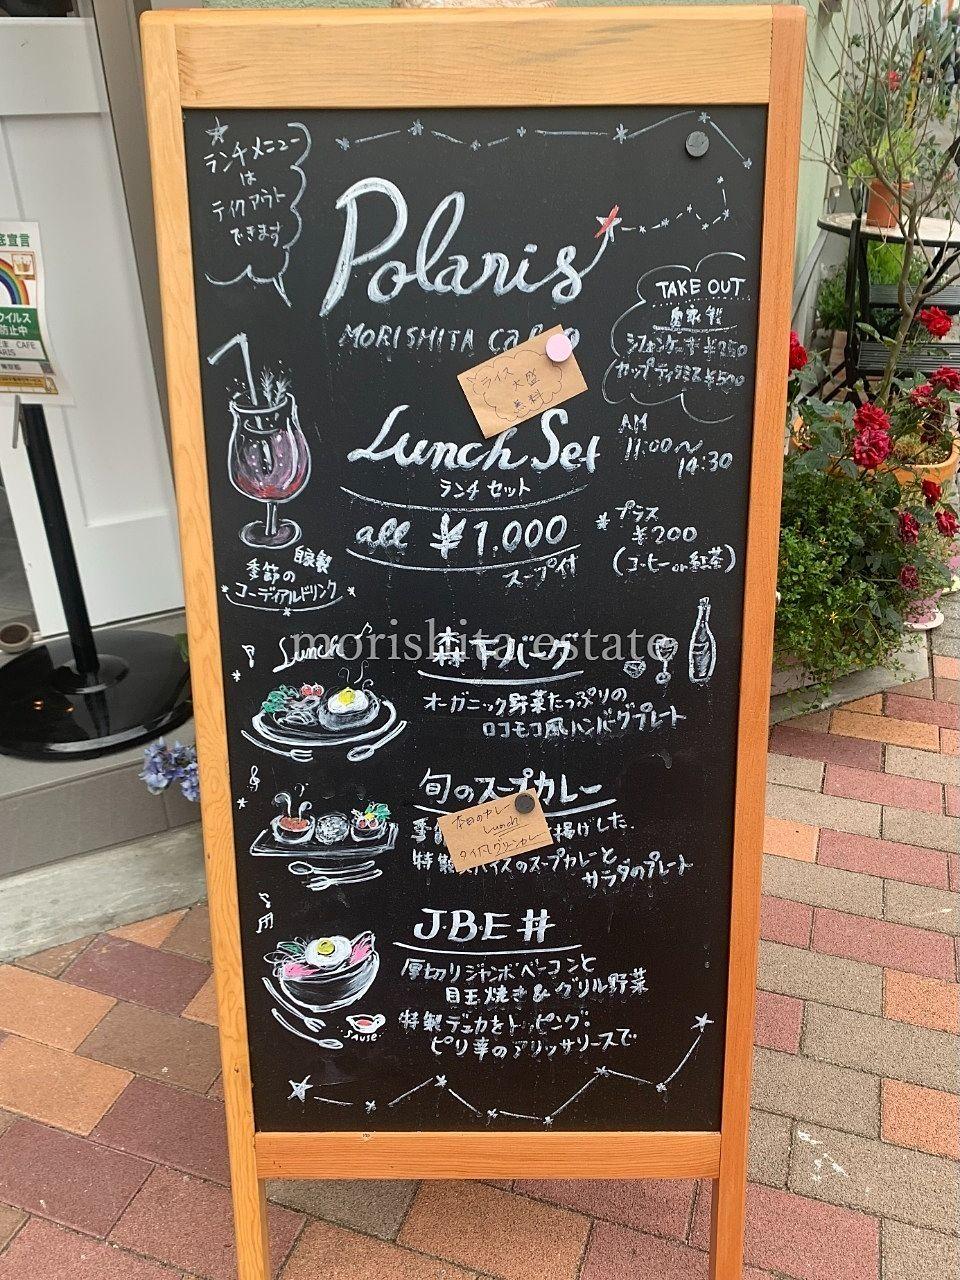 ポラリス 森下 カフェ 喫茶 ランチ お弁当 ケーキ 写真